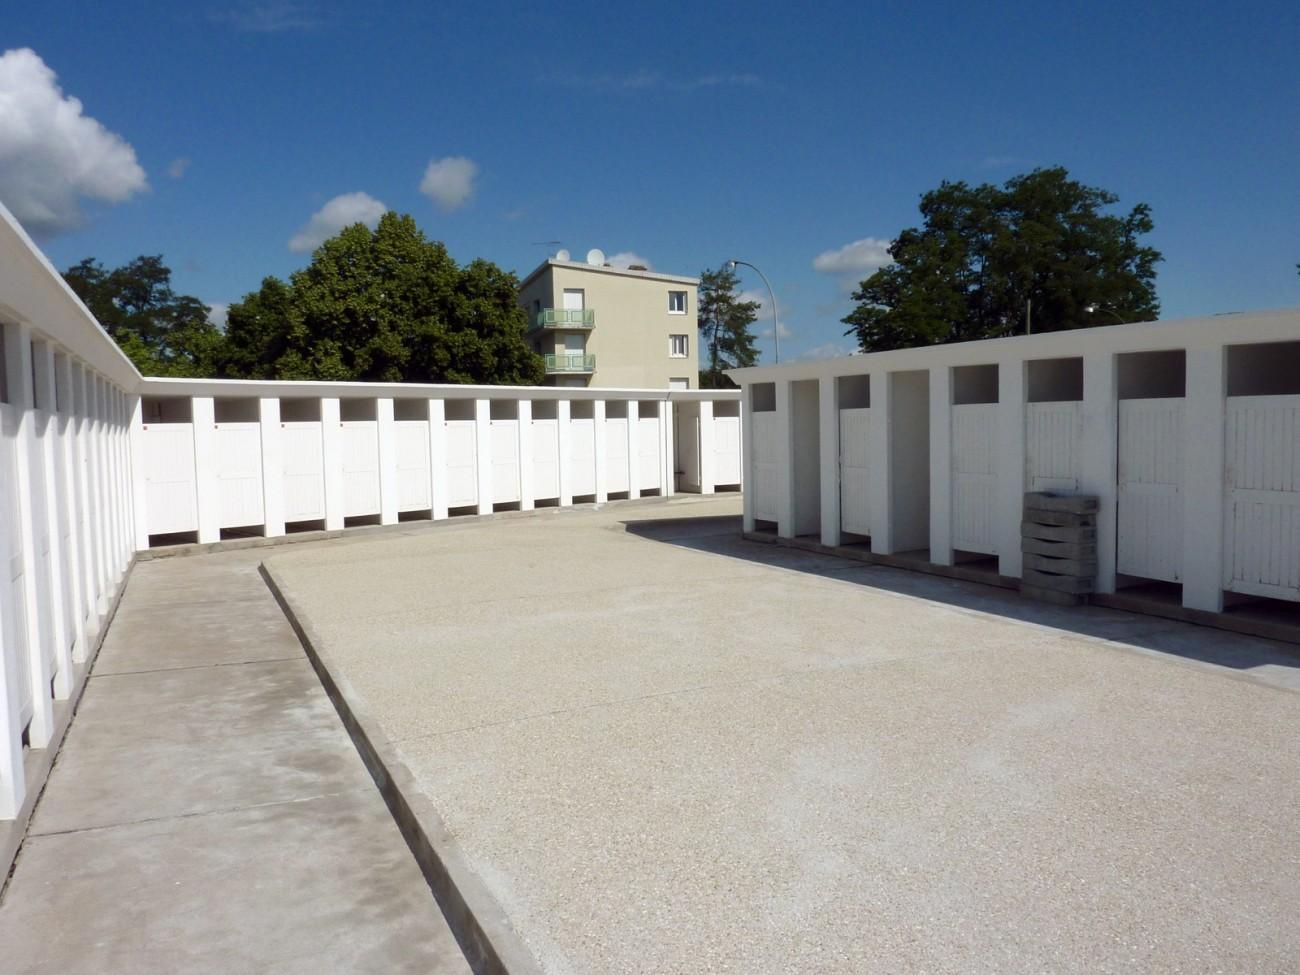 Bourgueil rouleau architectes r novation de la piscine for Architecte montargis